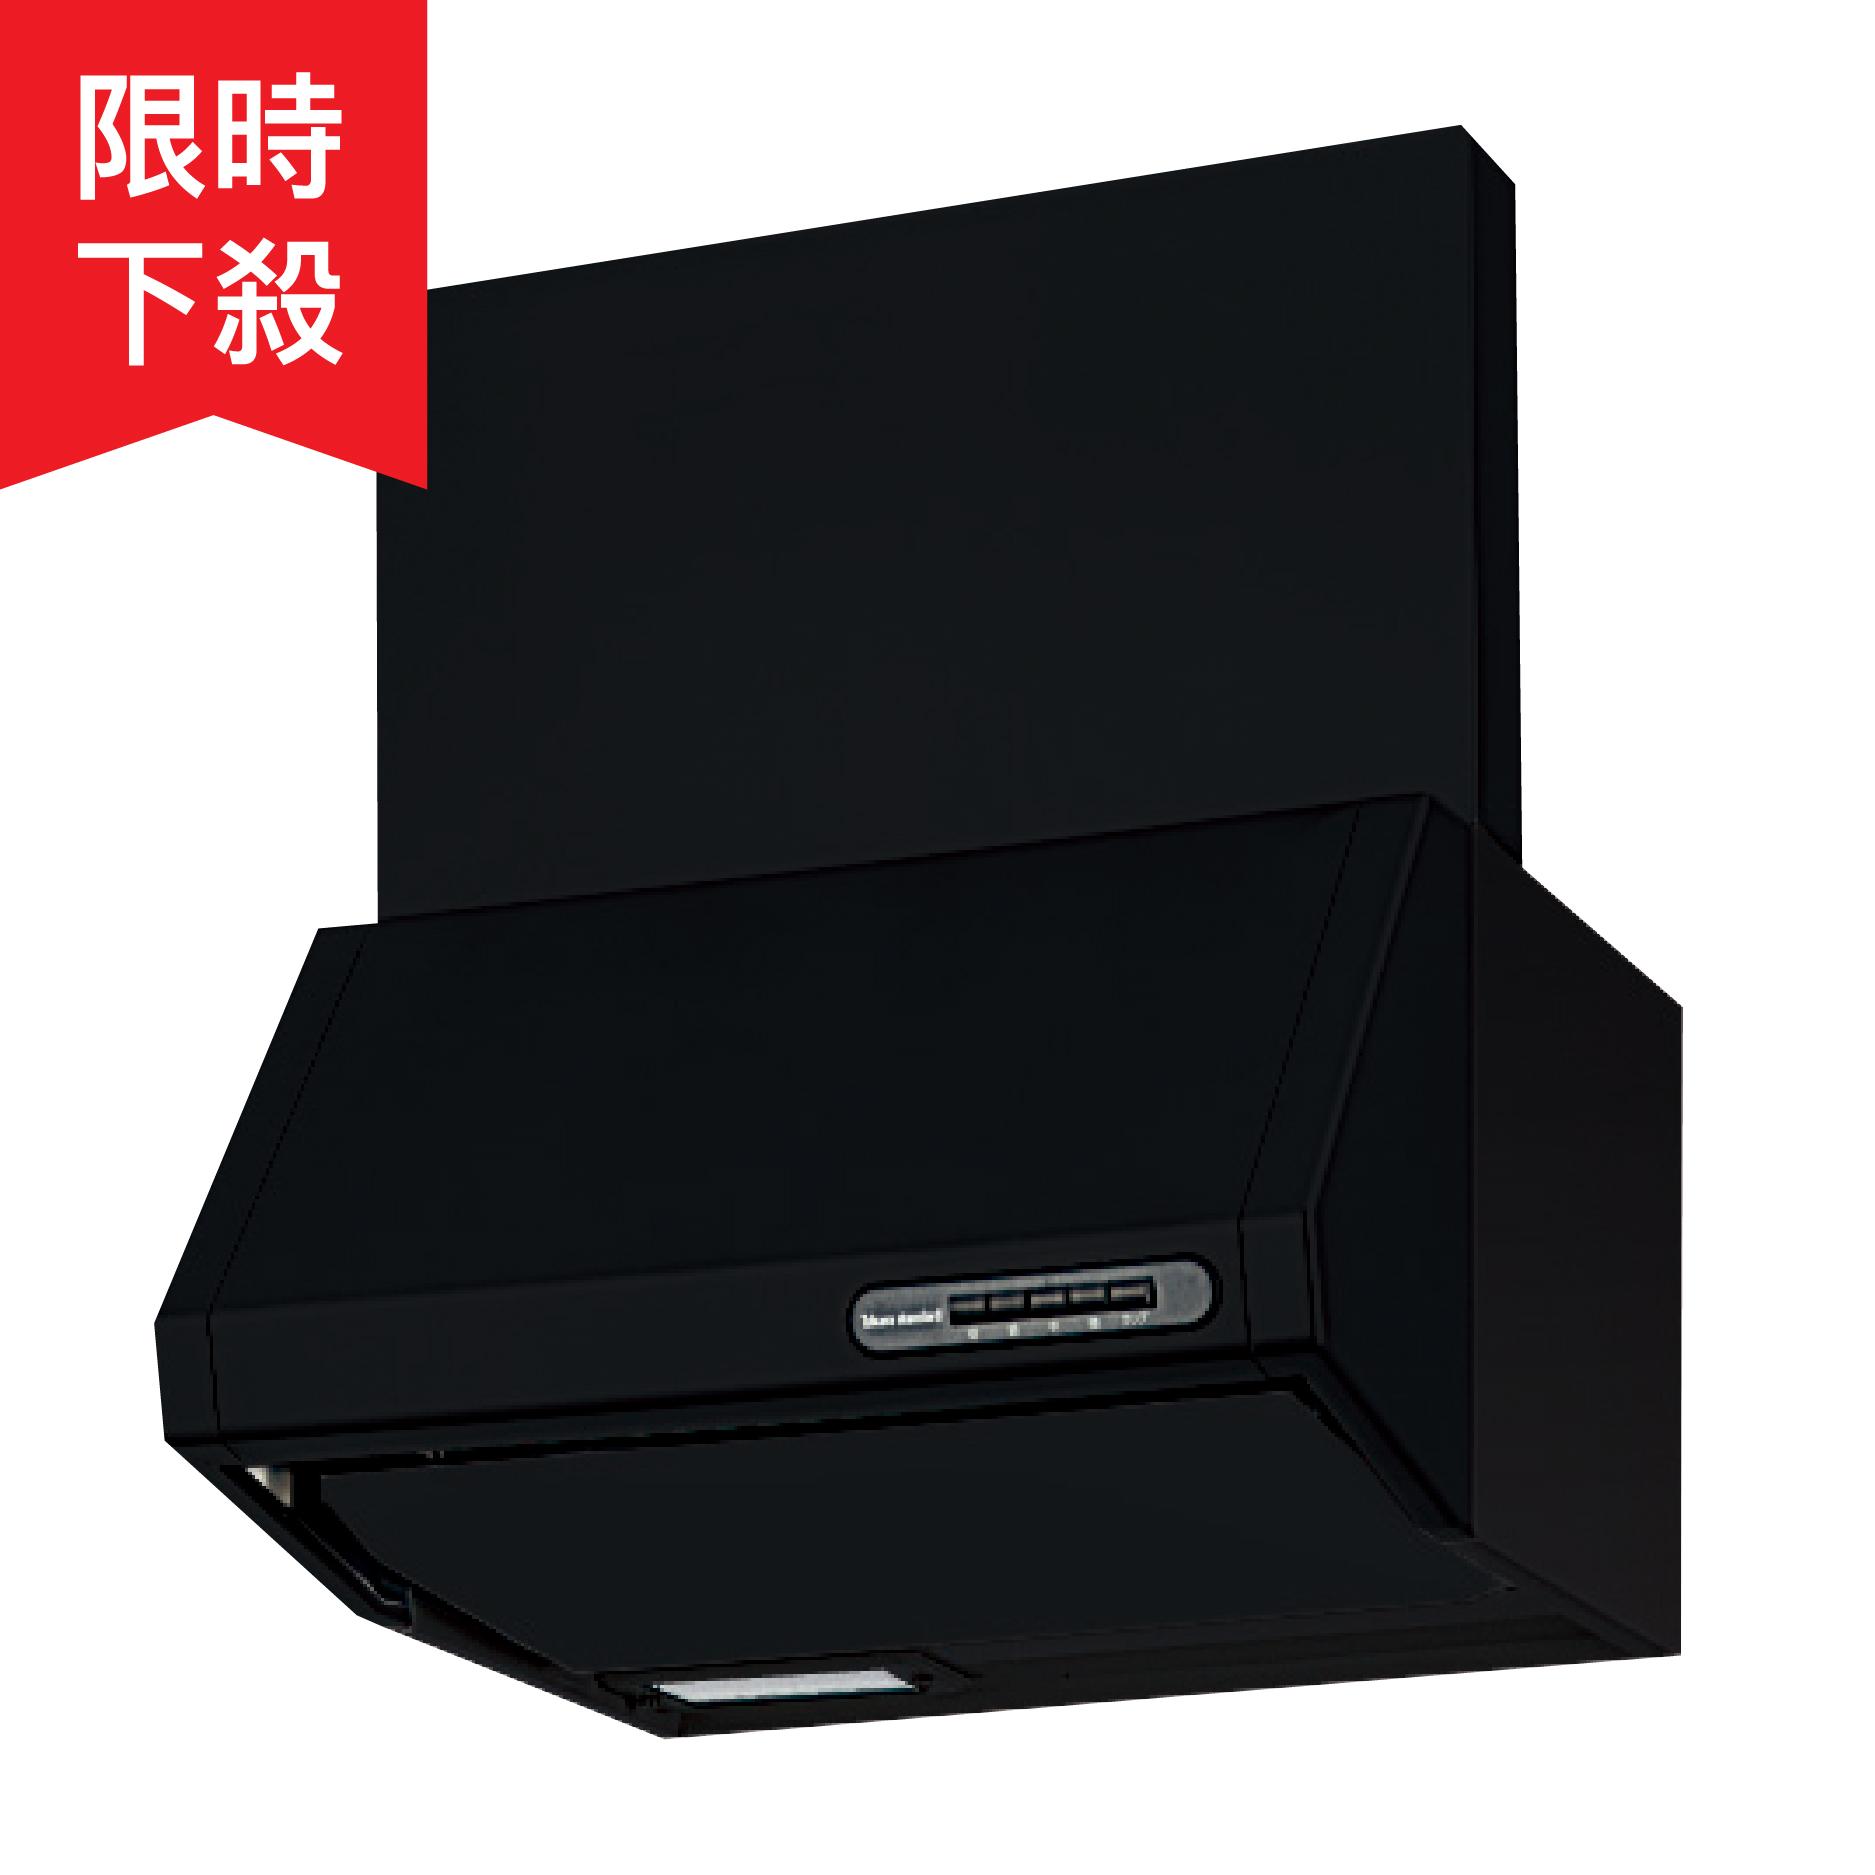 【預購】日本廚房用家電-Takara Standard 靜音環吸排油煙機【RUS75K】強大吸力,靜音除味,保持居家空氣清新